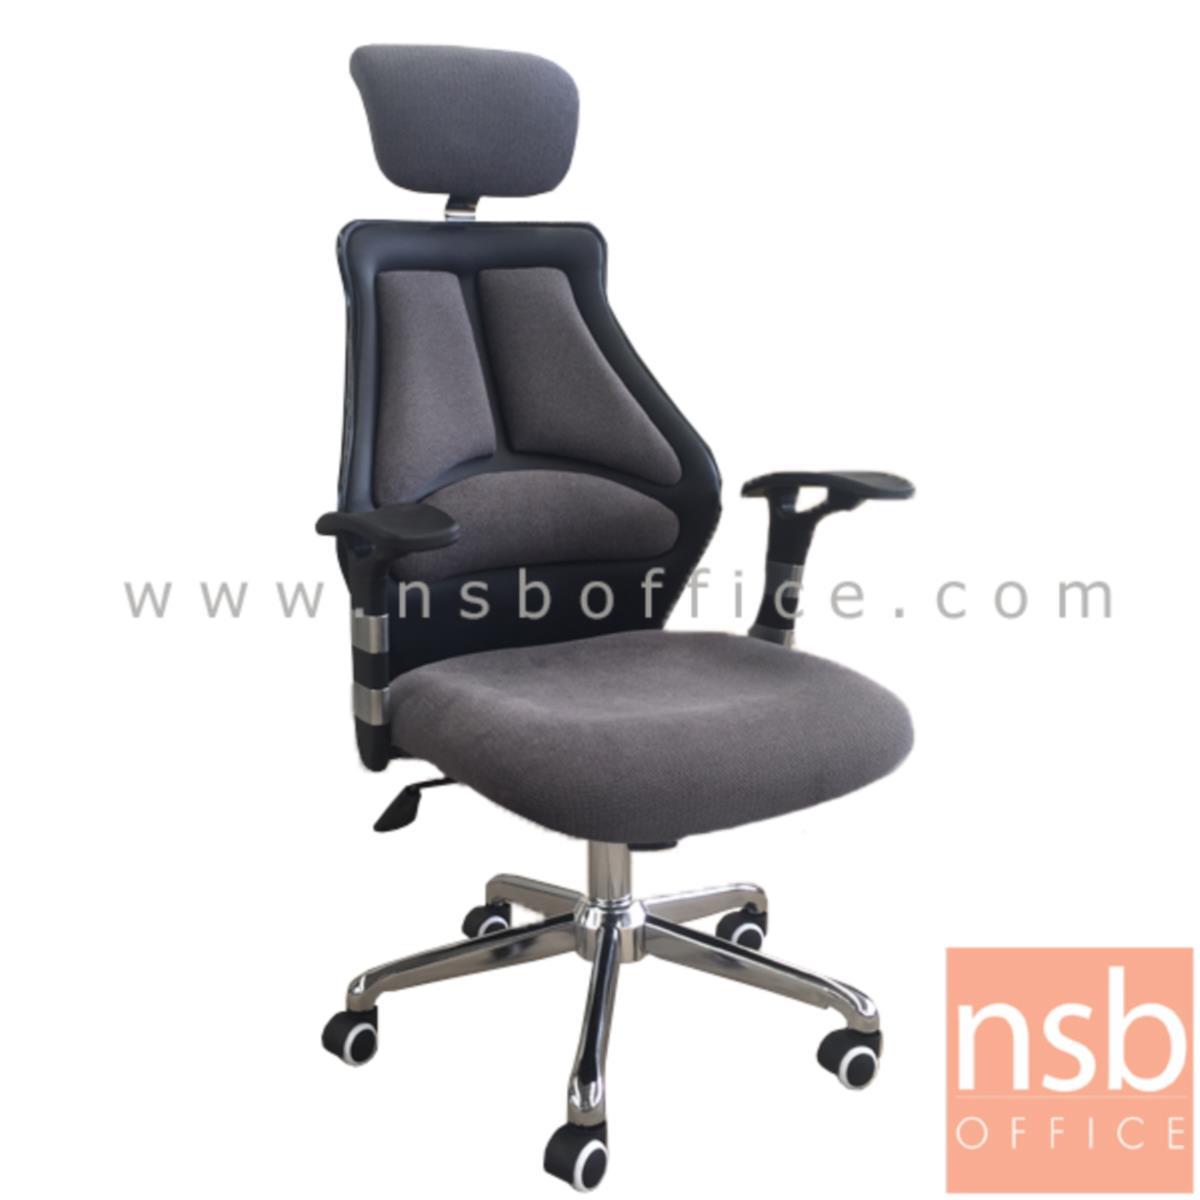 B24A209:เก้าอี้ผู้บริหารหลังเน็ต รุ่น Efraim (เอฟเฟรม)  โช๊คแก๊ส มีก้อนโยก ขาเหล็กชุบโครเมี่ยม